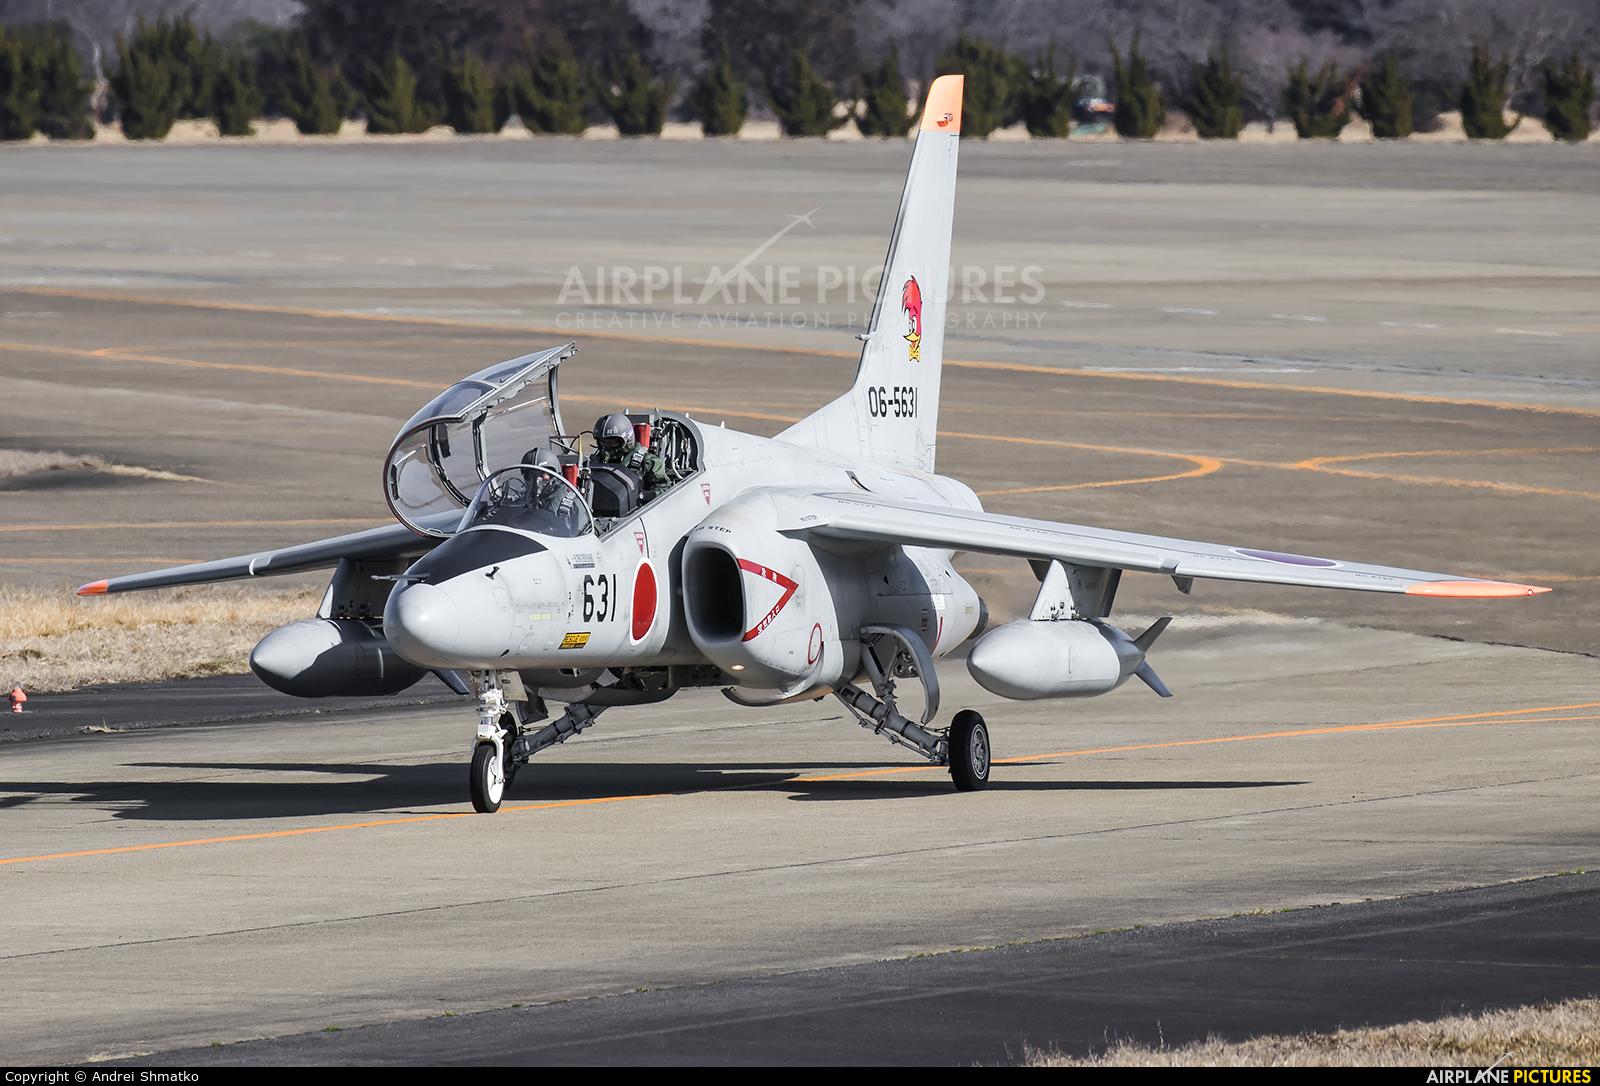 Japan - Air Self Defence Force 06-5631 aircraft at Ibaraki - Hyakuri AB